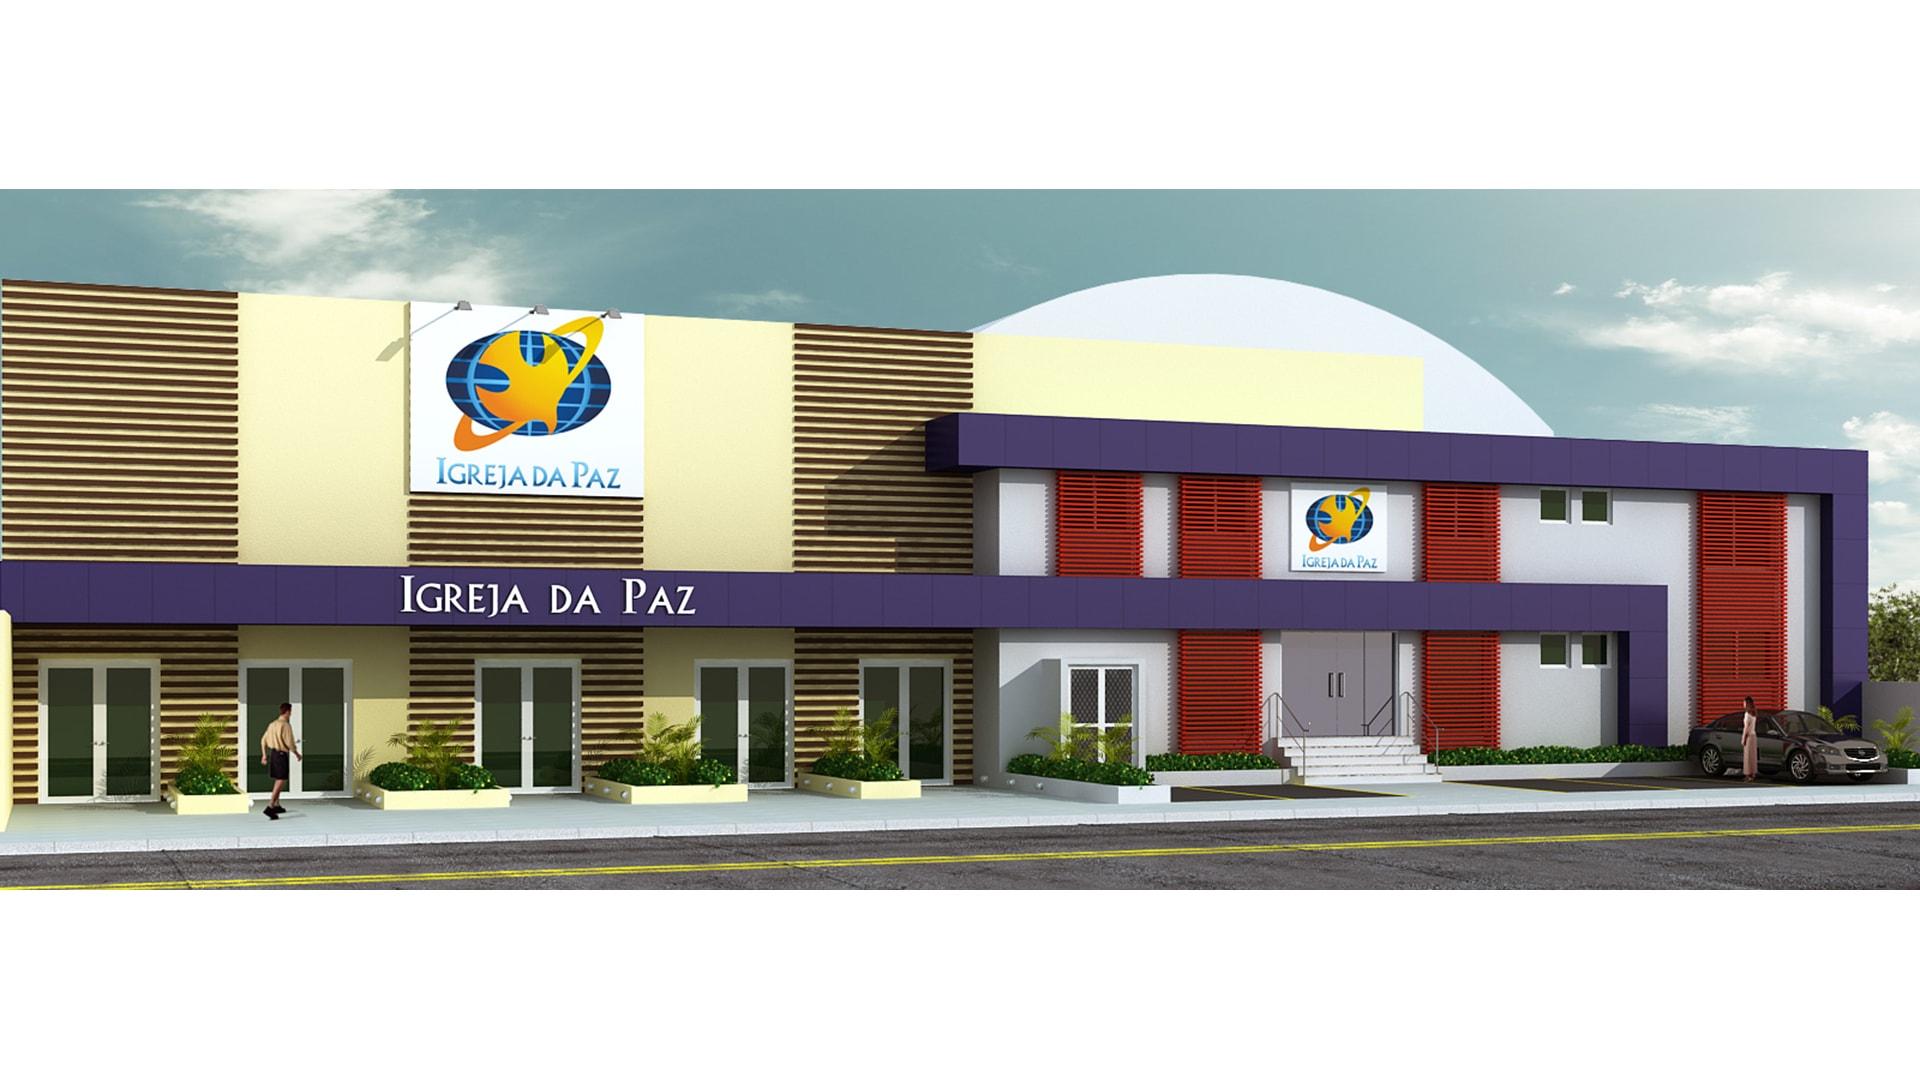 Institucional - Igreja da Paz - Barueri - SP